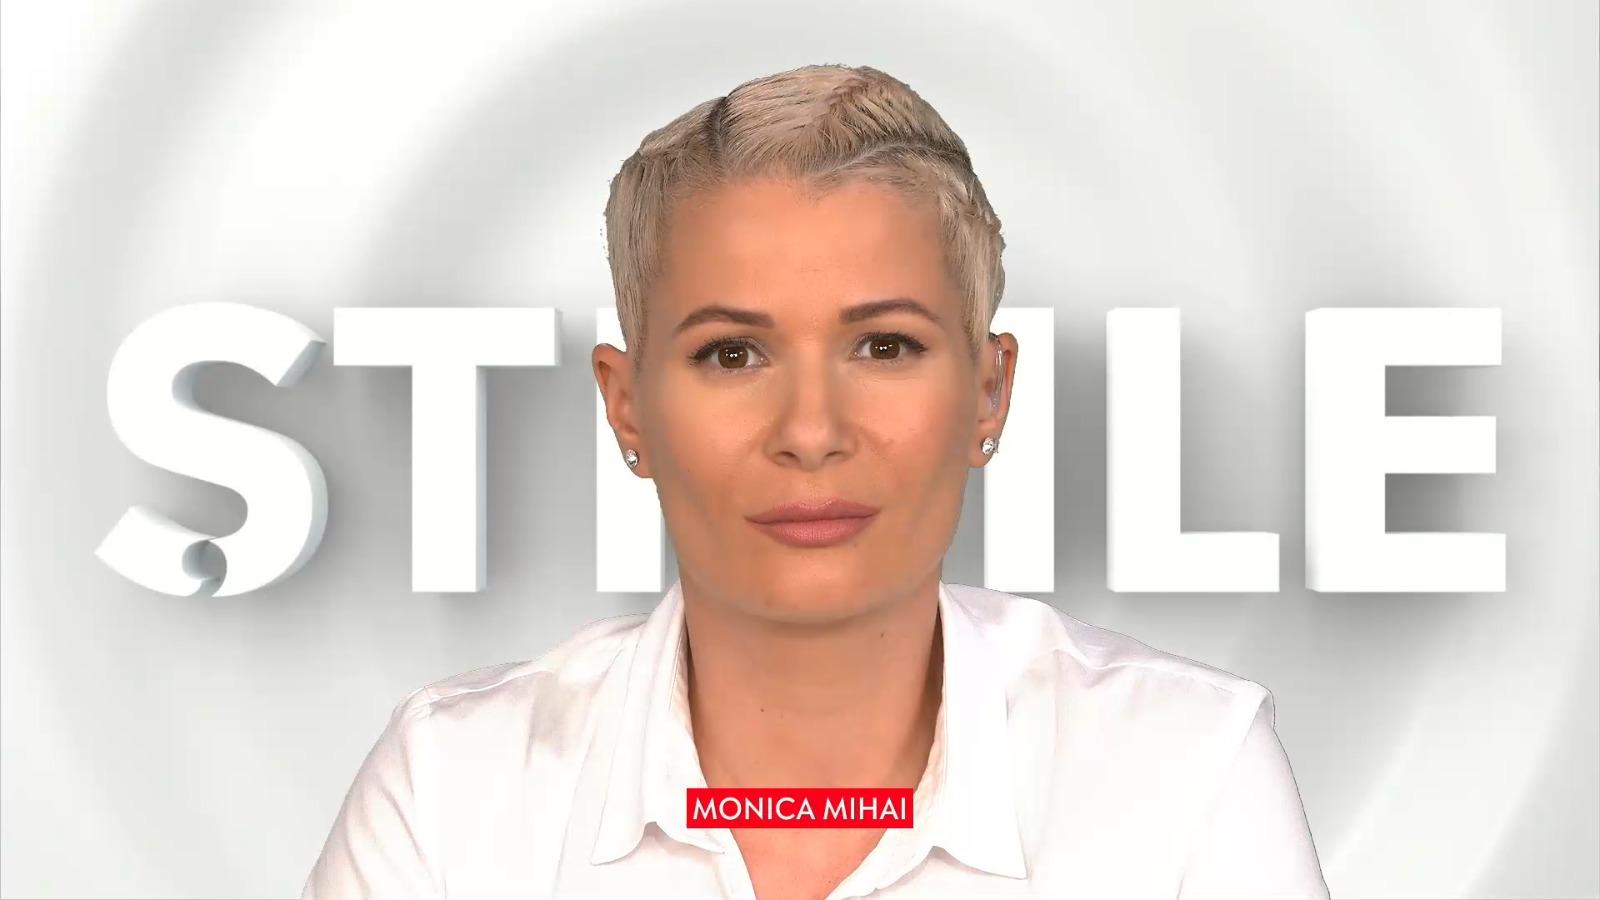 Știrile de la ora 16.00, prezentate de Monica Mihai, 29 septembrie 2020